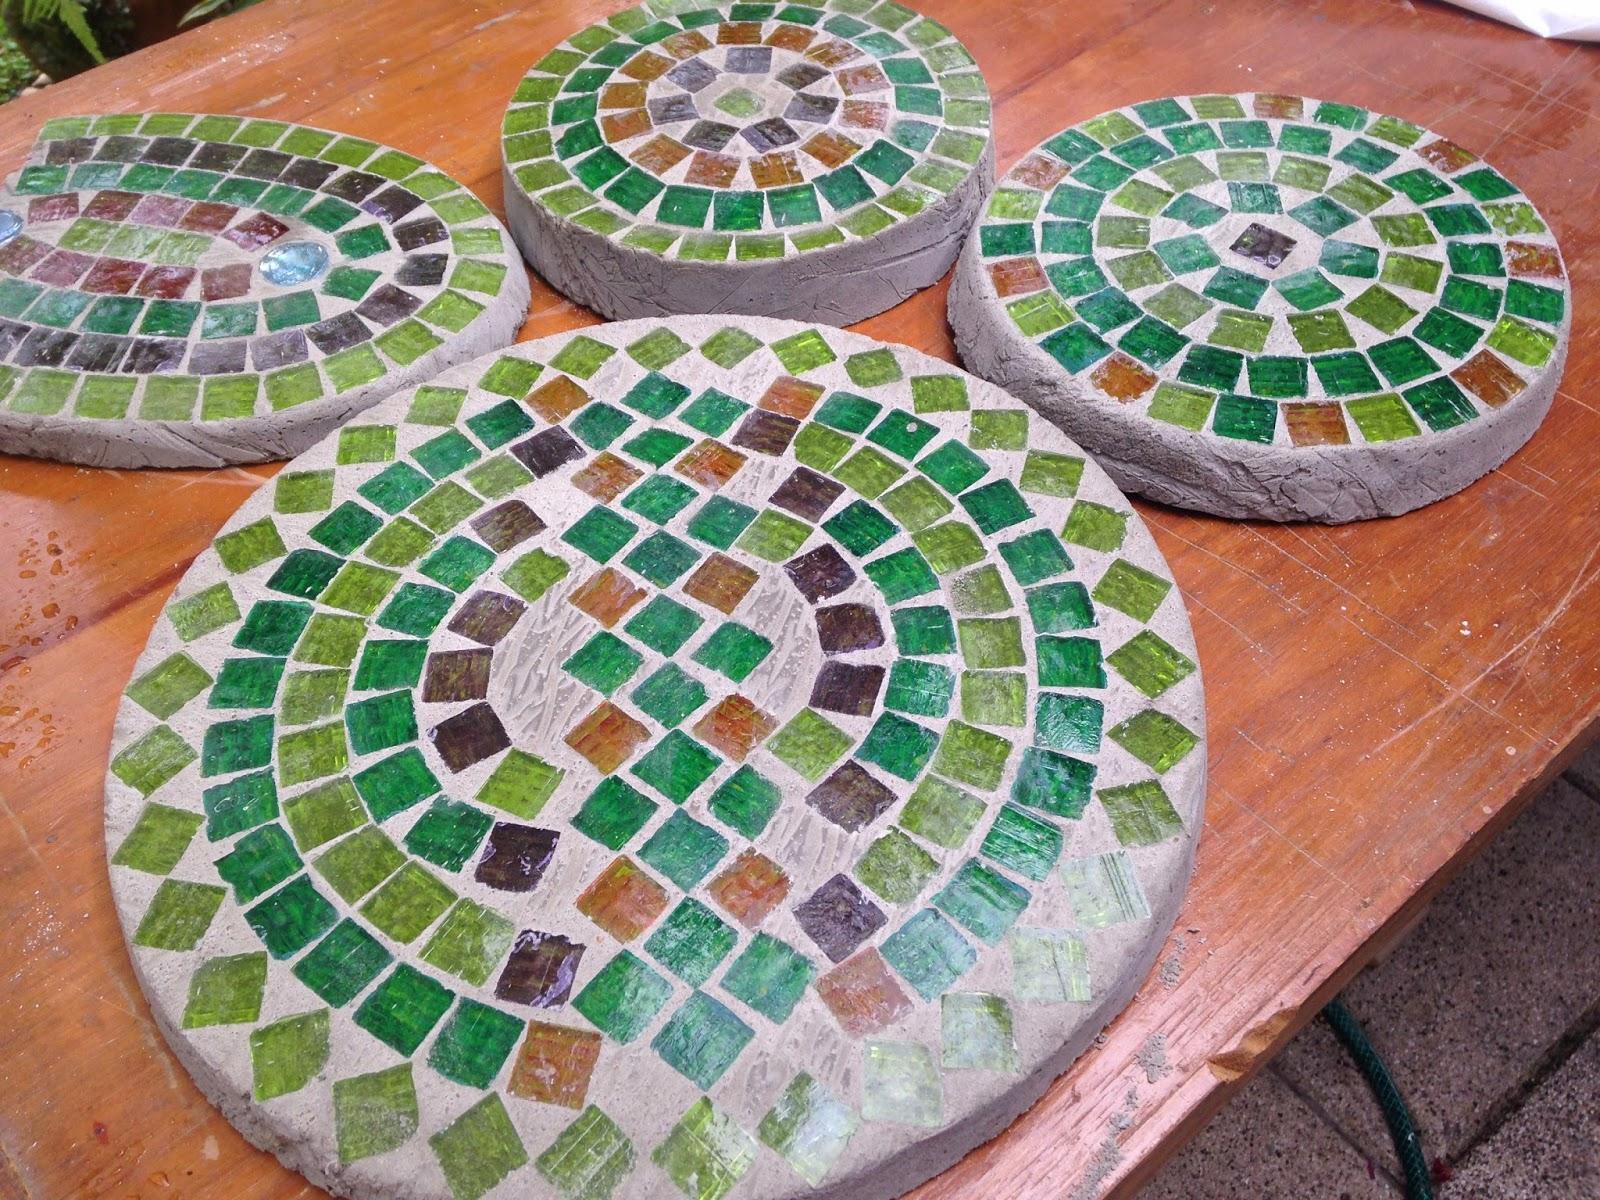 Que se puede hacer con esto despu s por ejemplo un piso - Mosaicos de colores ...